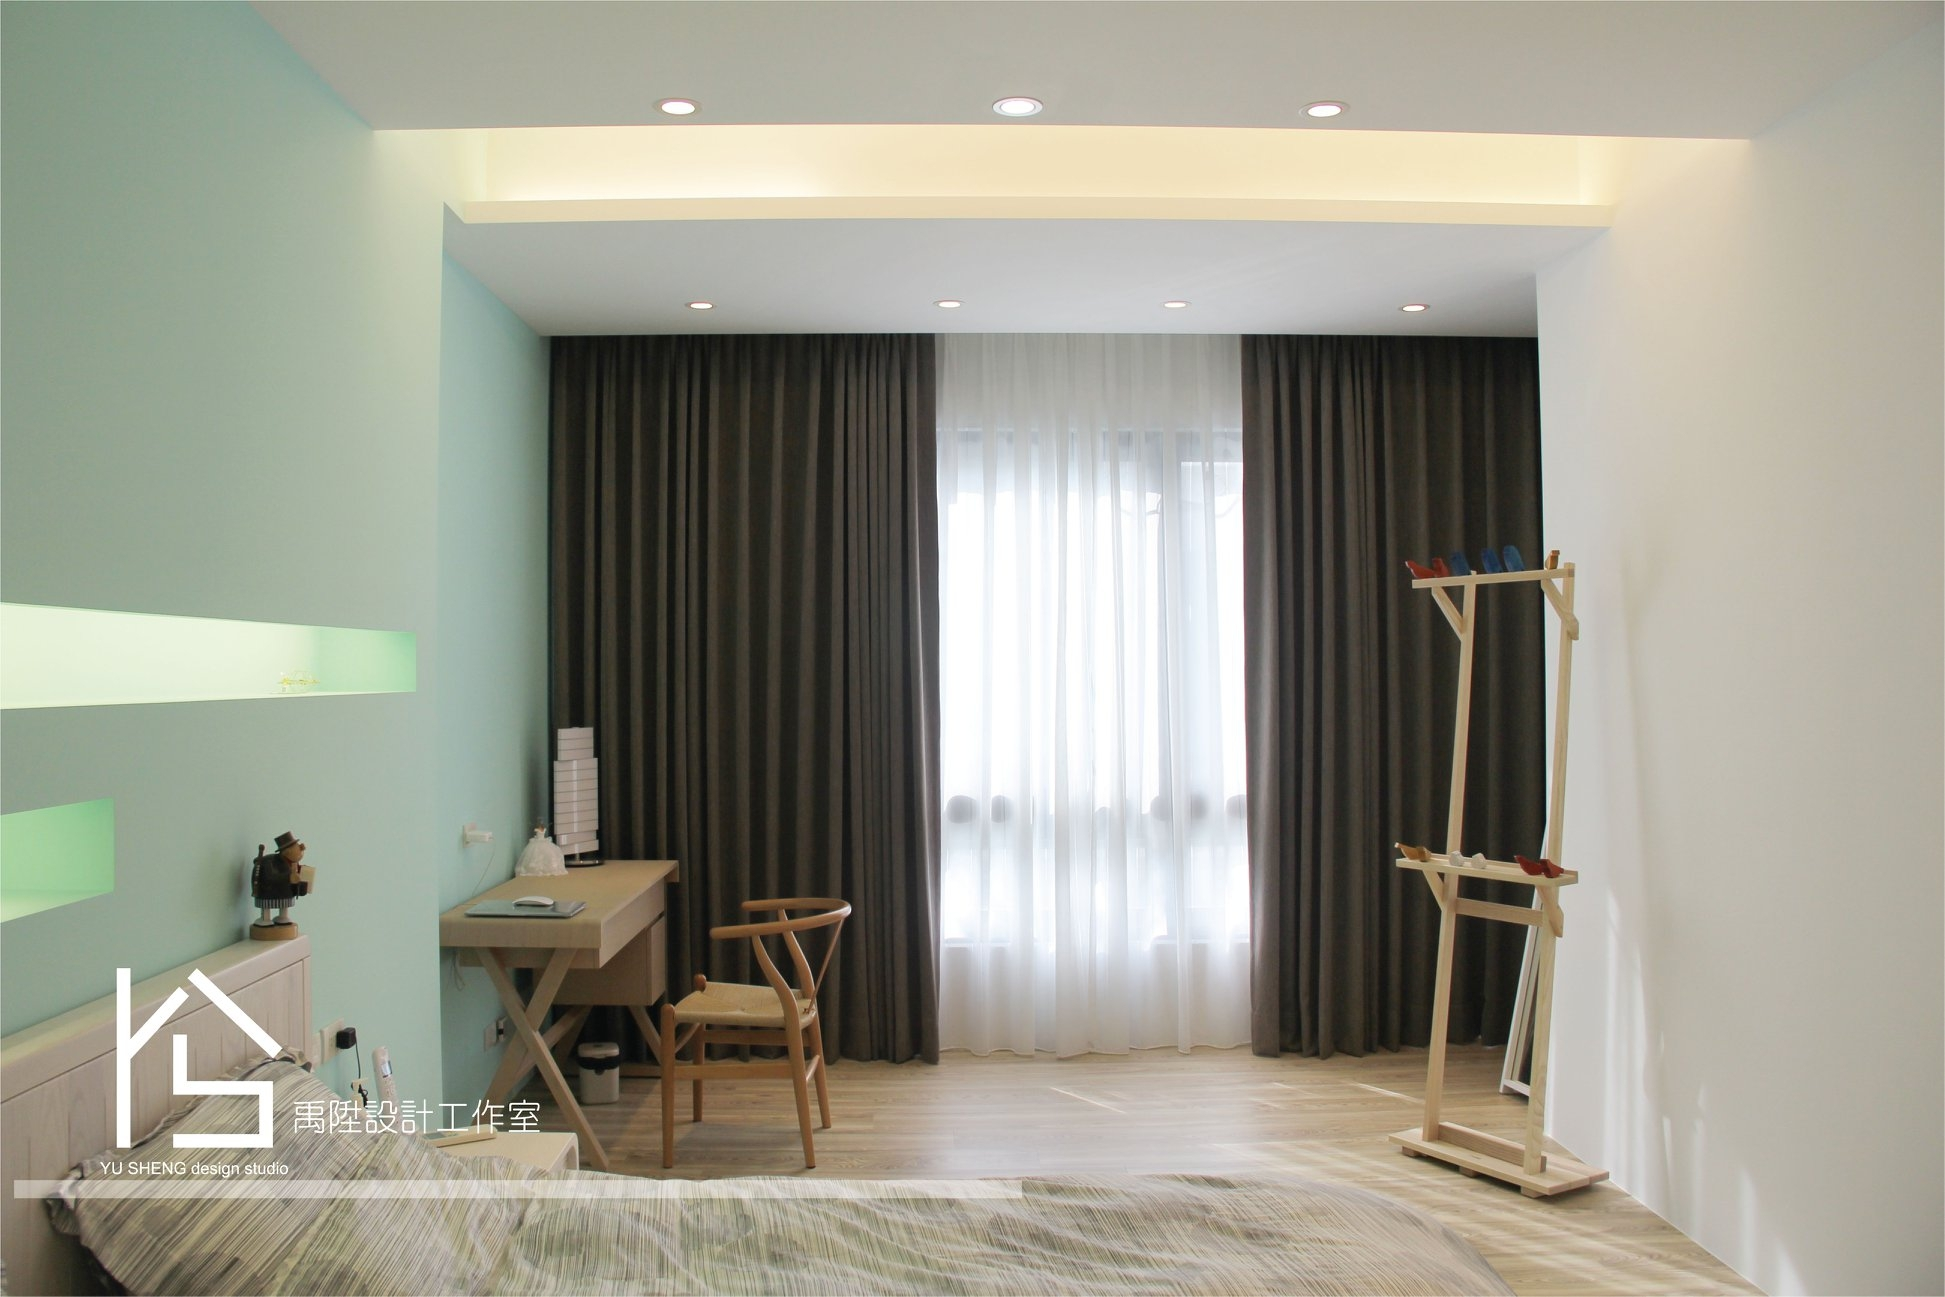 油漆配色大加分!15款舒適綠色系裝潢實例分享!